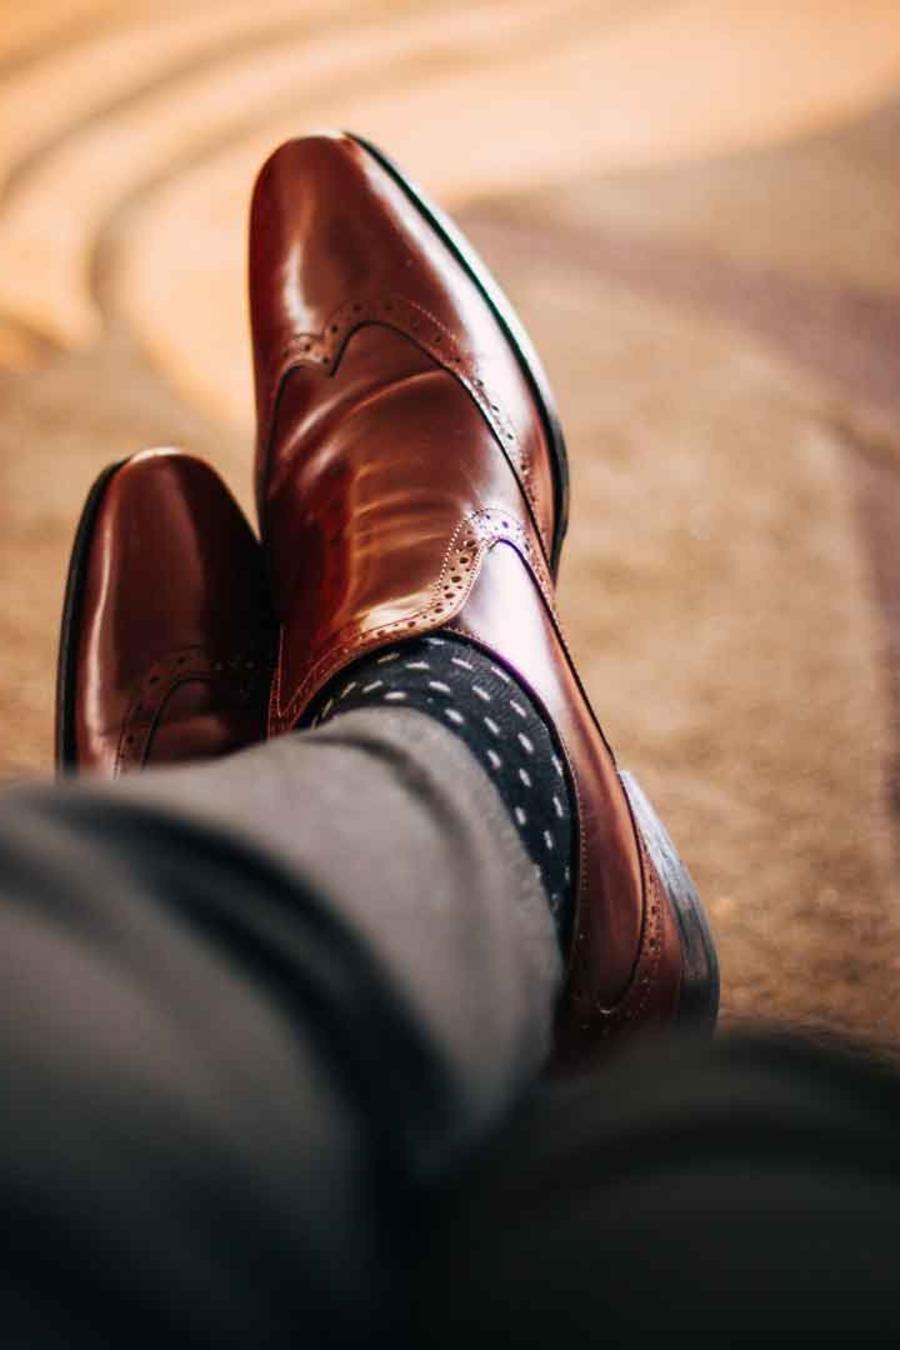 Los calcetines sucios no son inofensivos.